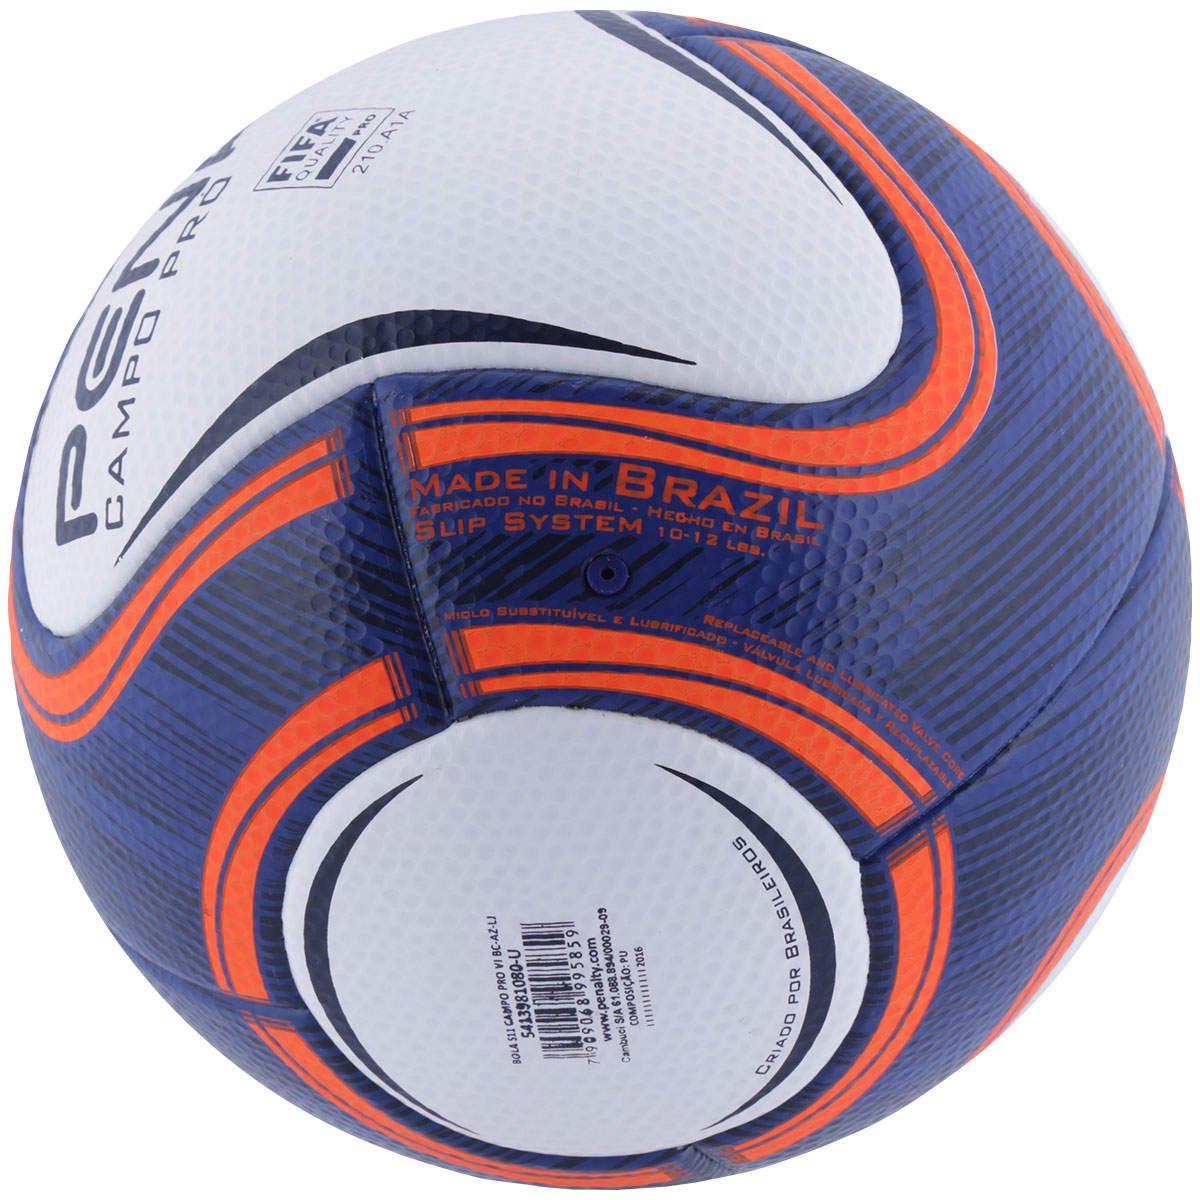 Bola Campo Penalty S11 Pro 6 Campeonatos Estaduais